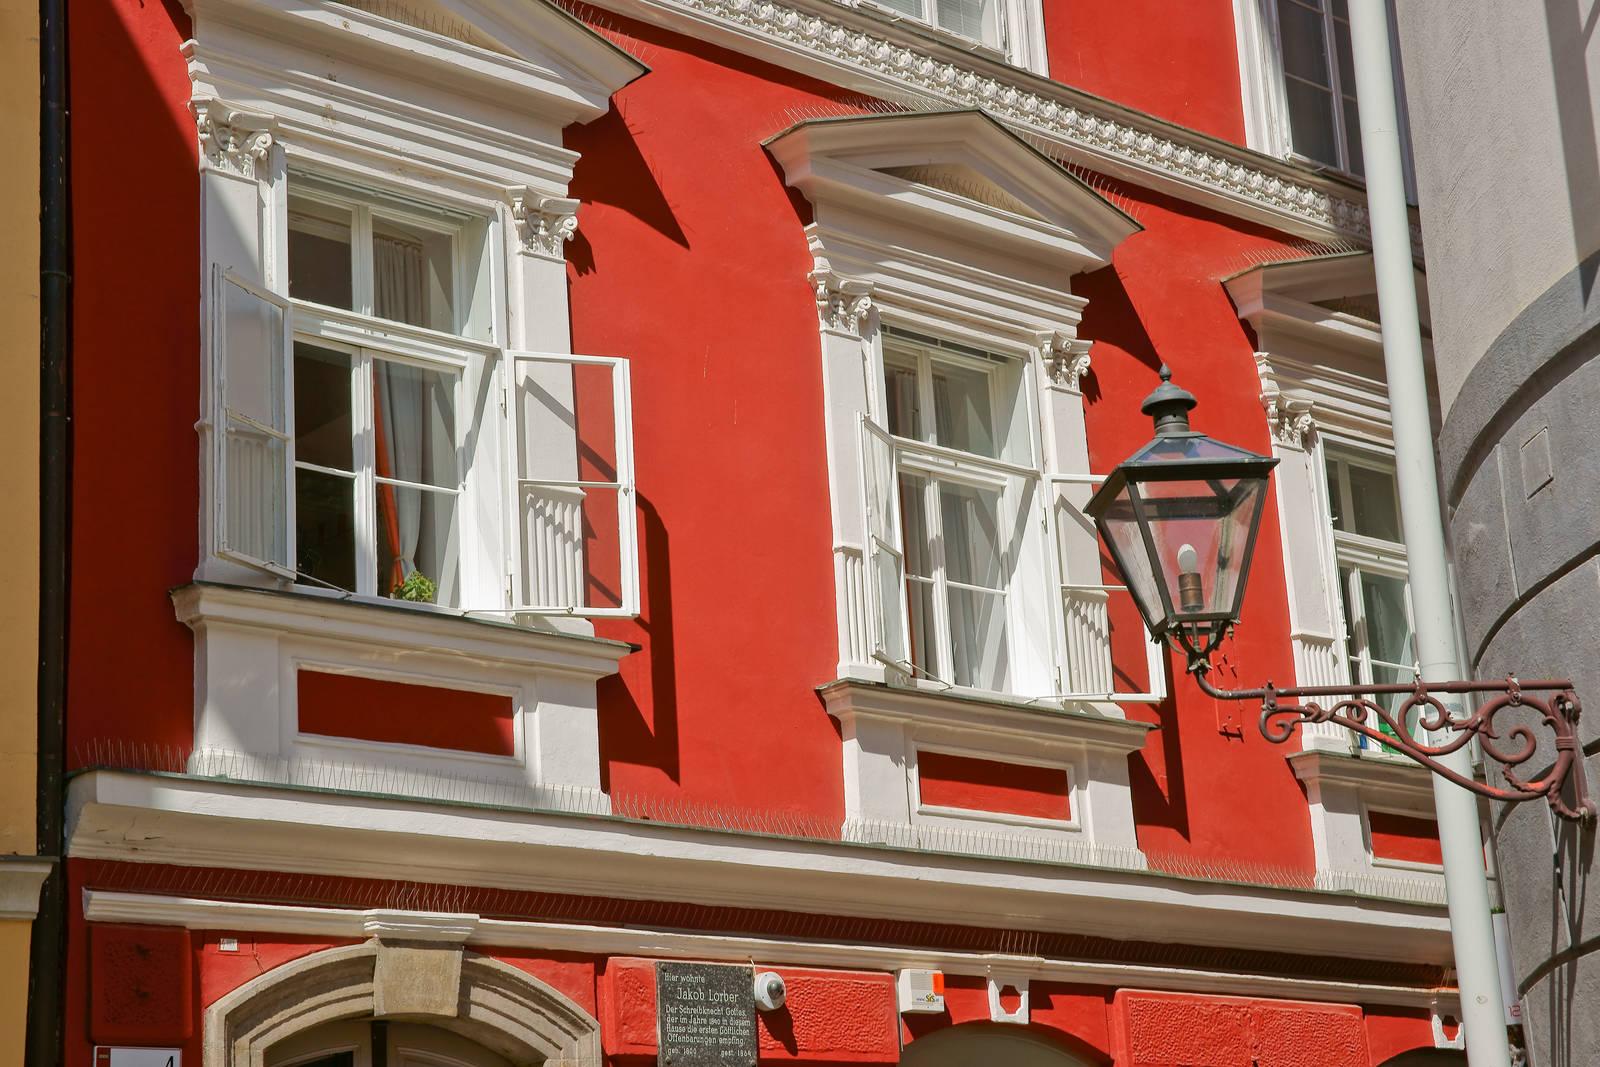 House of Jakob Lorber in Graz by ErwinStreit